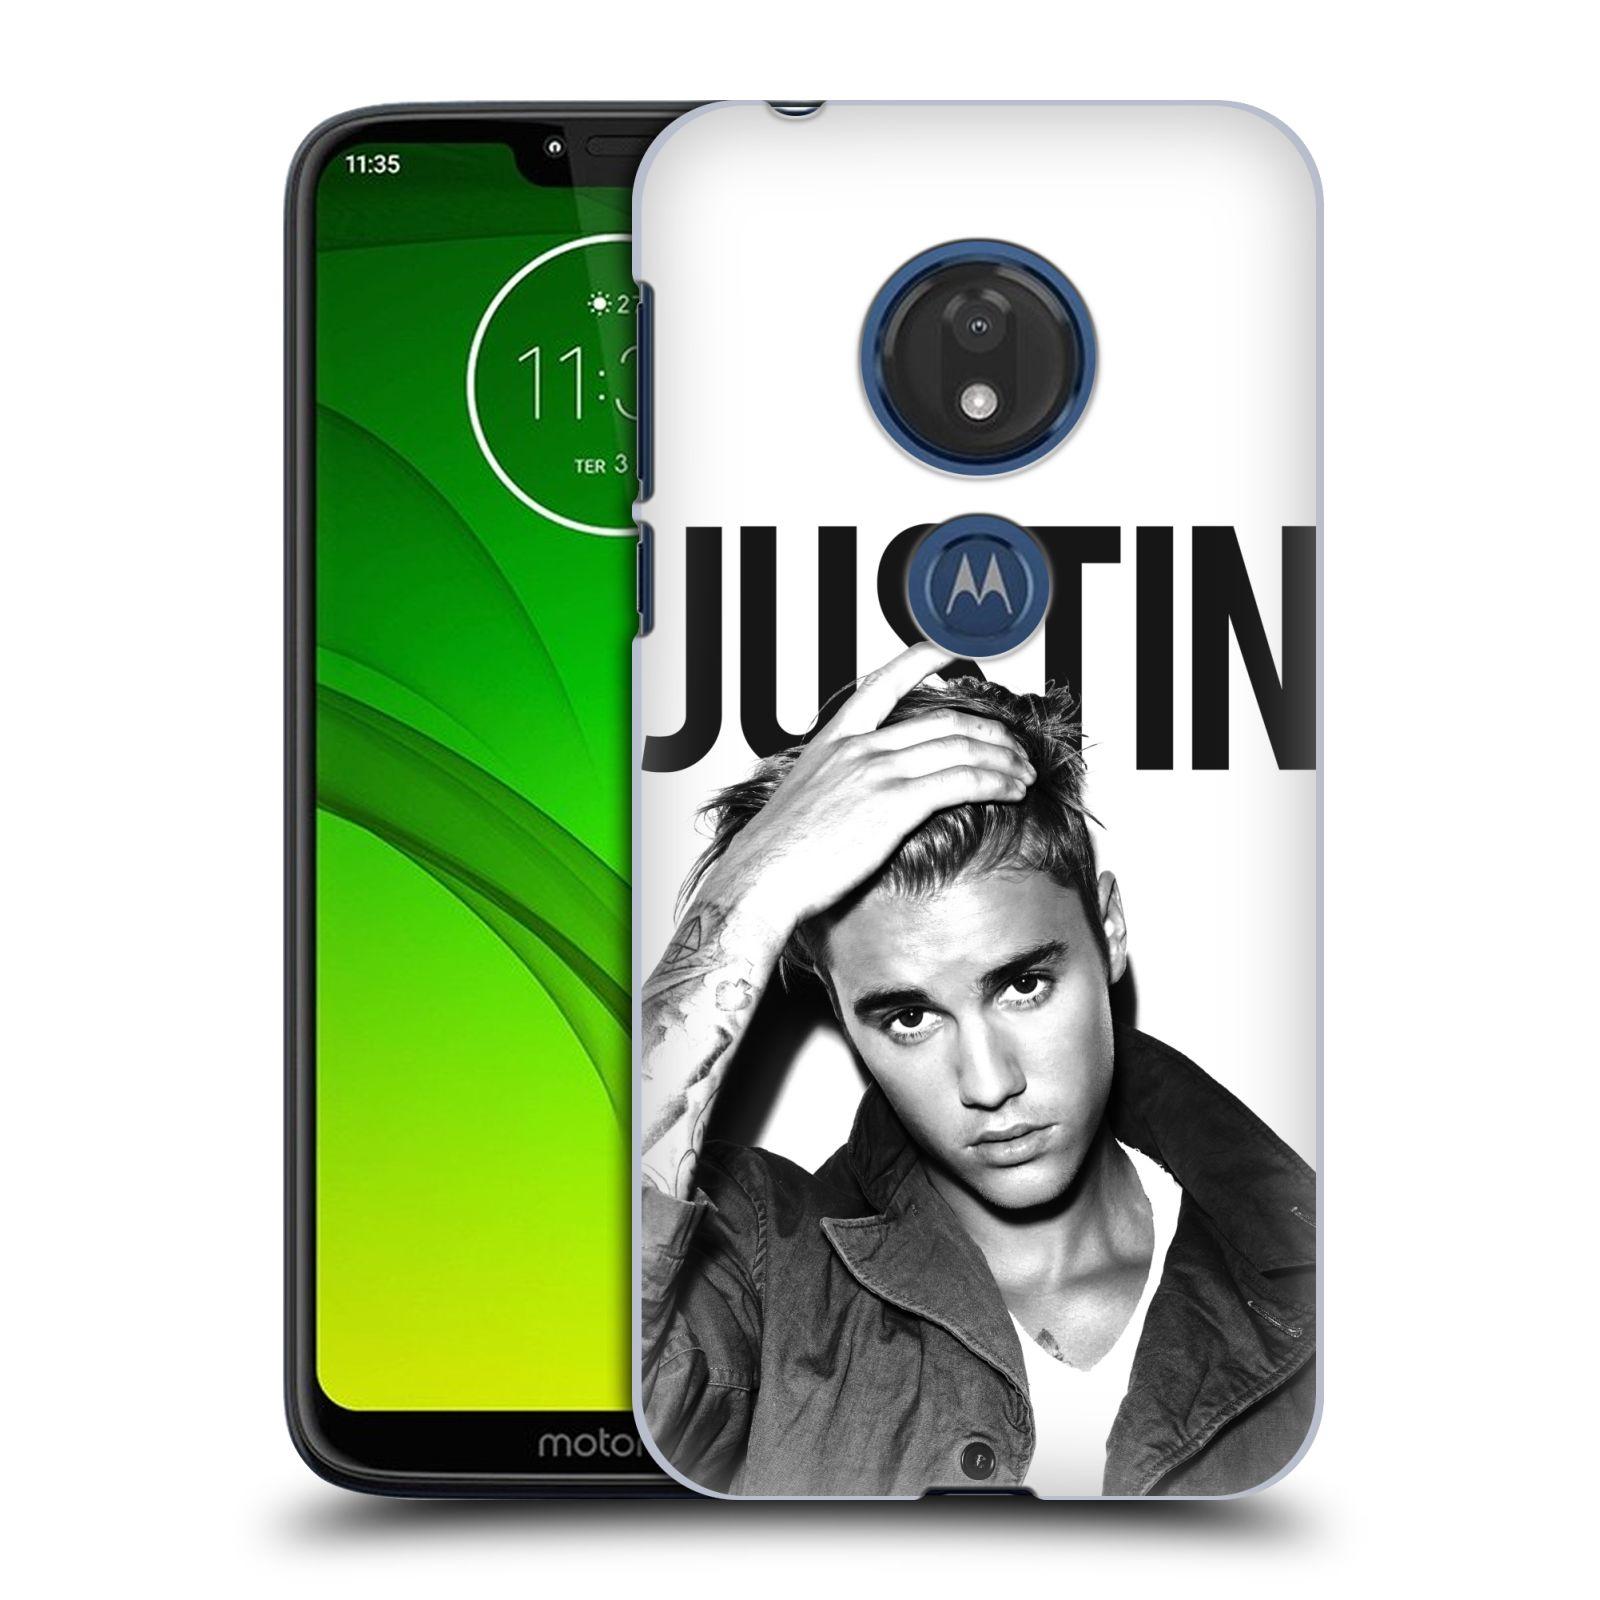 Pouzdro na mobil Motorola Moto G7 Play Justin Bieber foto Purpose černá a bílá